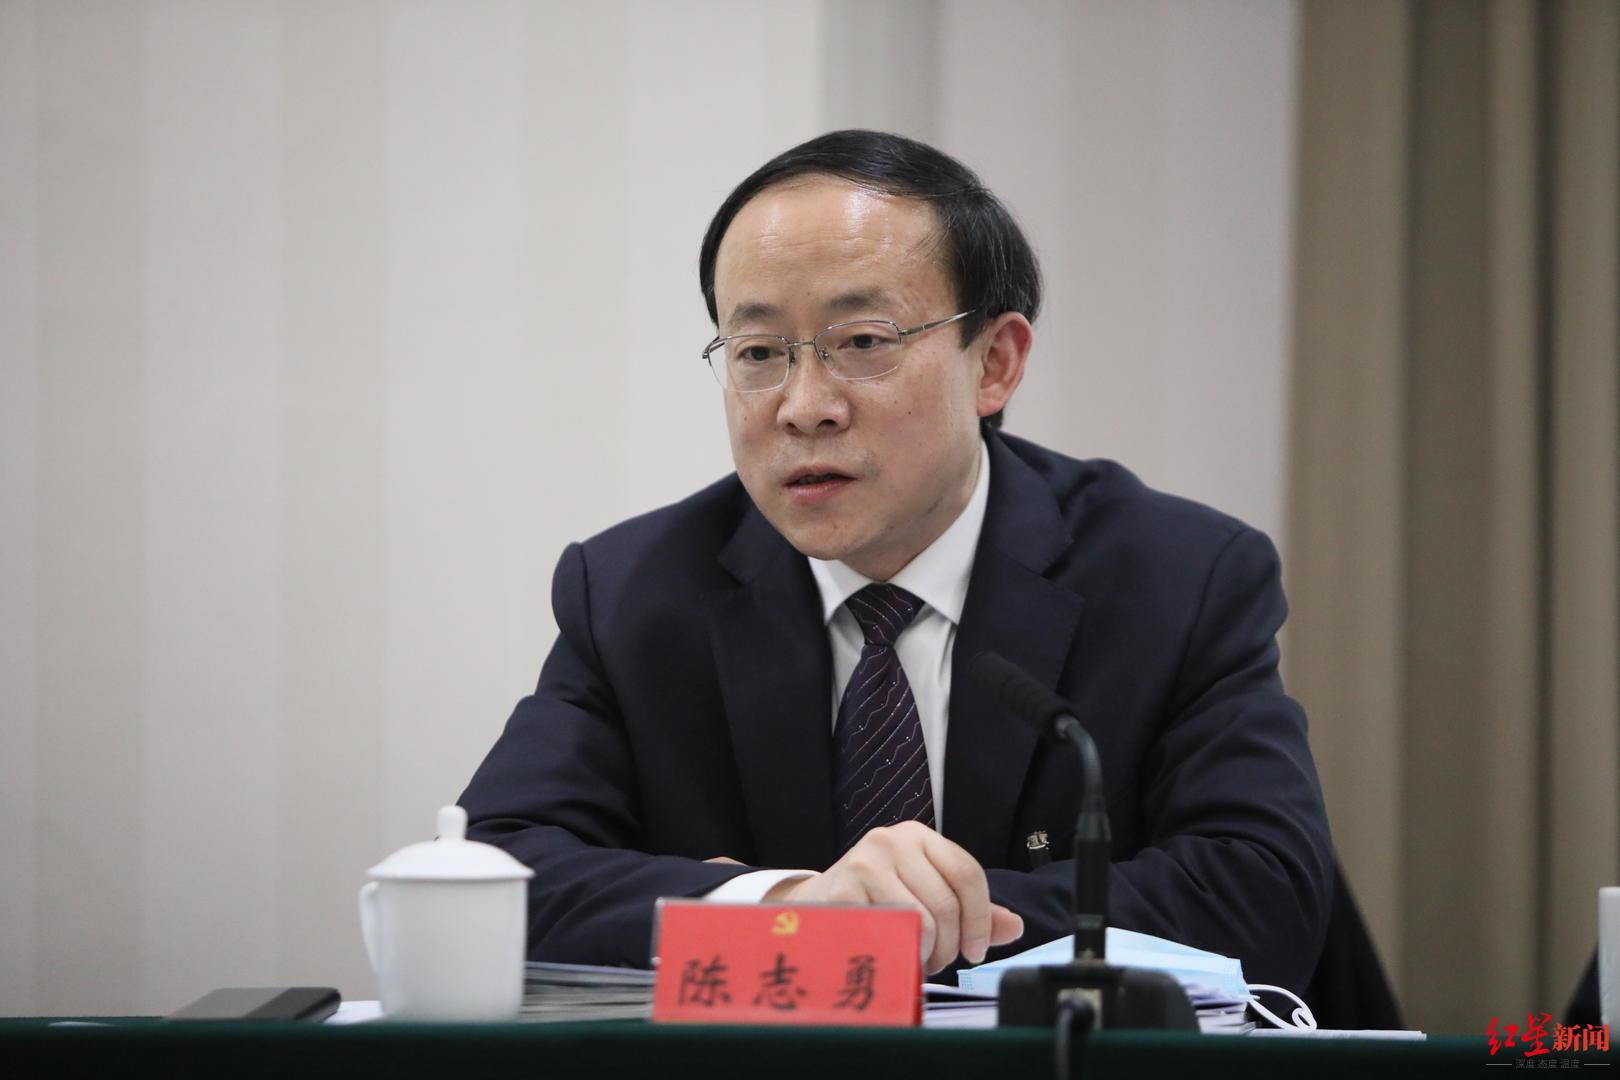 成都锦江区委书记:将沿东大街打造春熙路国际顶级商圈